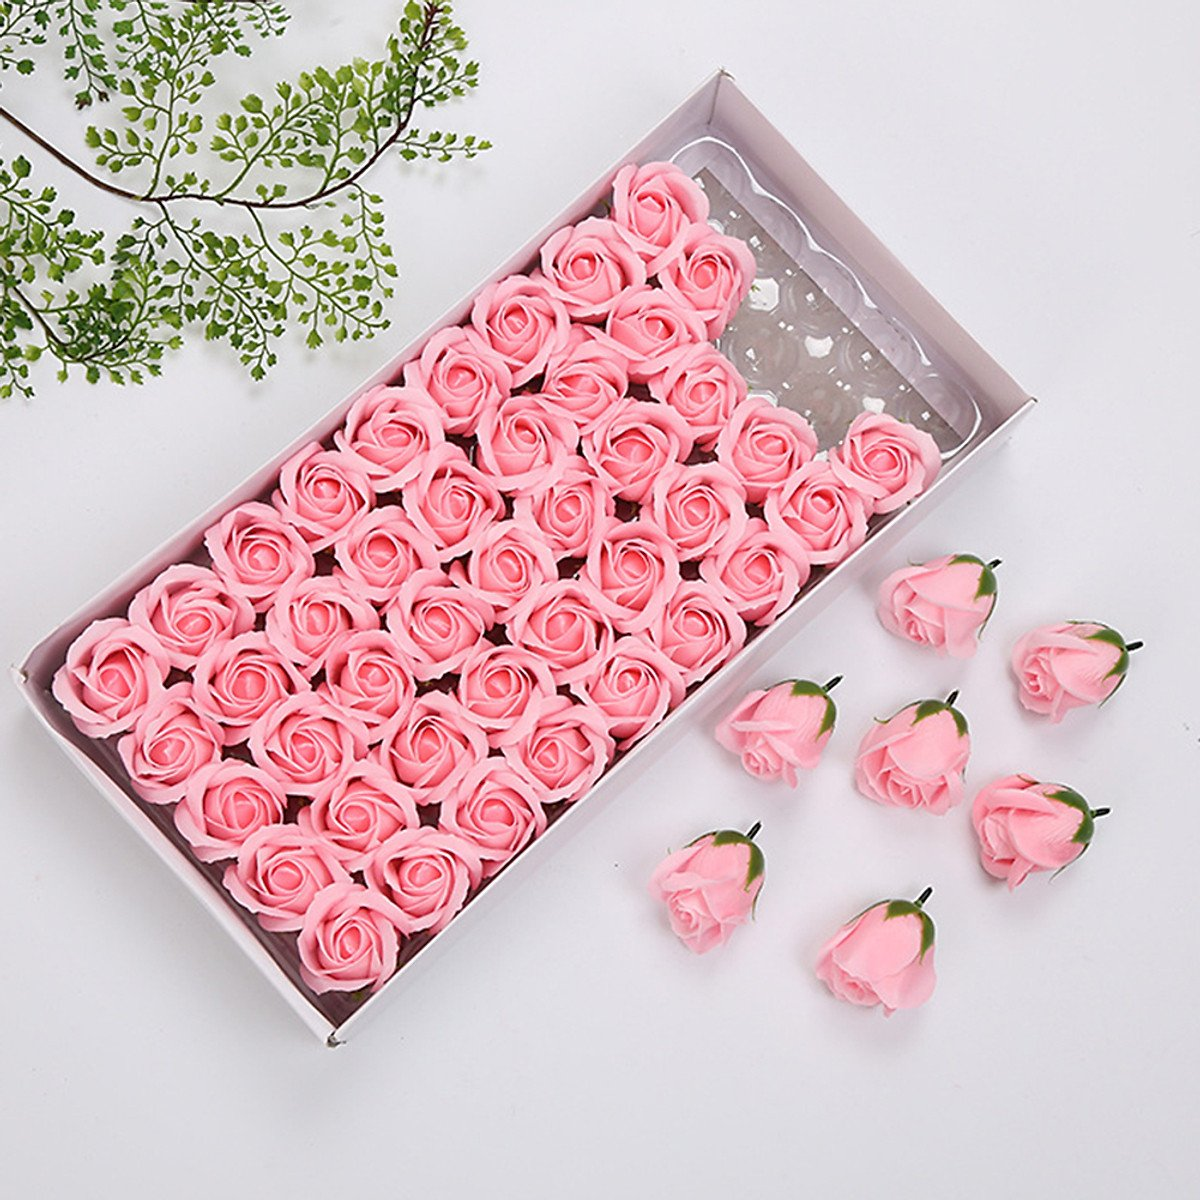 hộp hoa hồng sáp thơm màu hồng